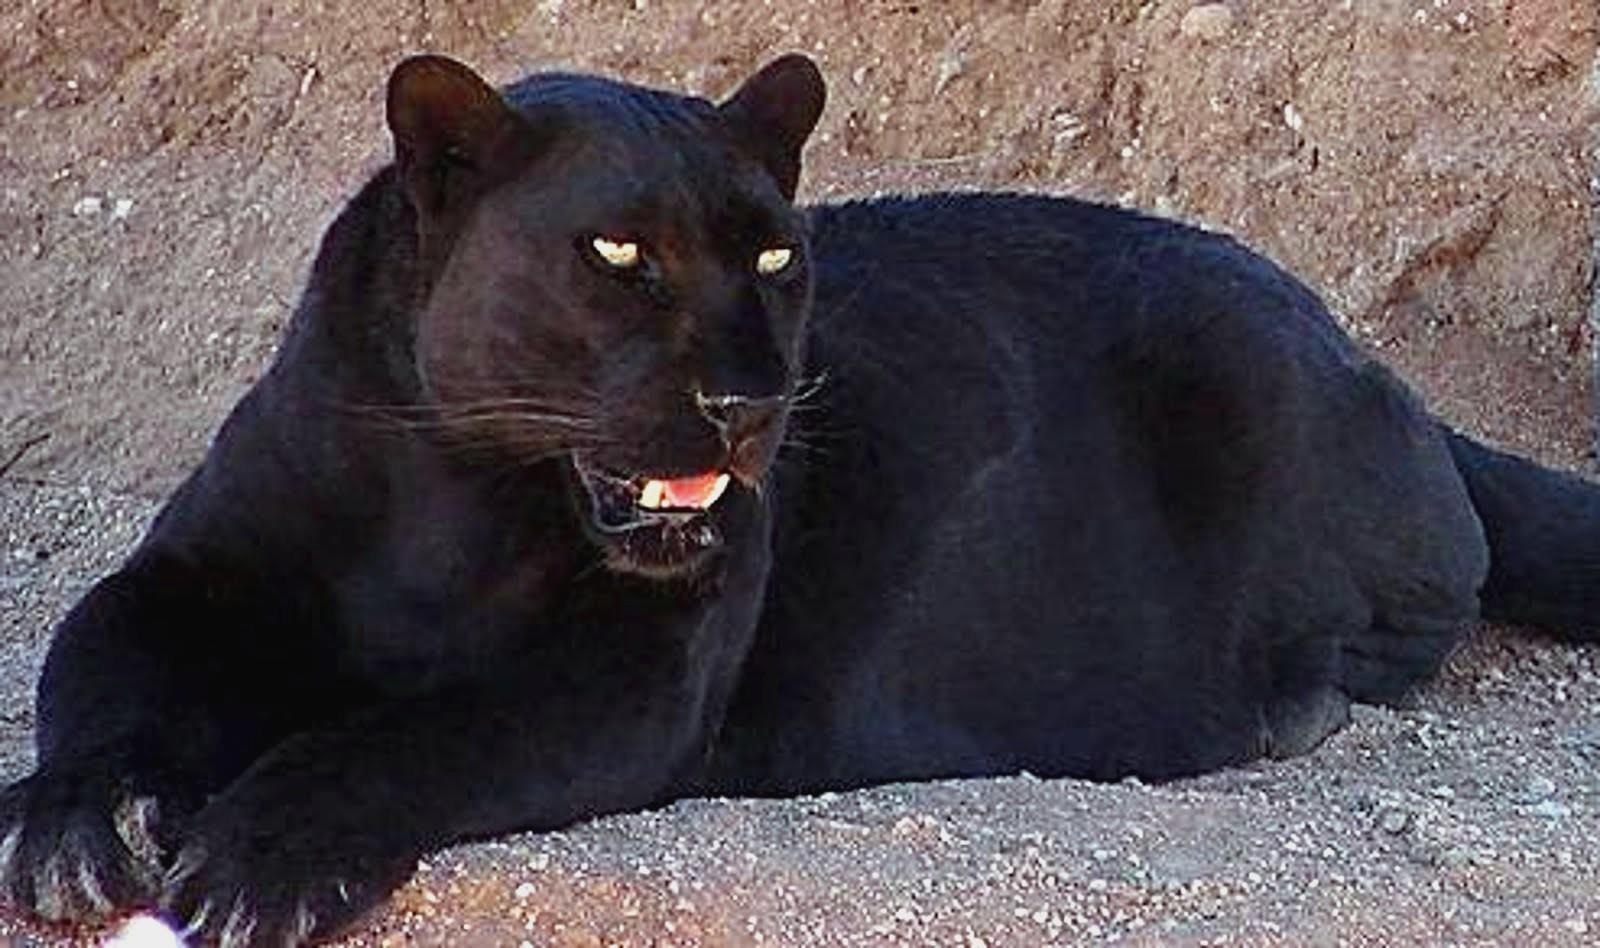 Black Jaguar Wallpapers Desktop Background Cedehm Black Jaguar Blue Eyes Wallpapers Fannone Black Jaguar Blue Eyes Wallpapers Photo Fannone Wallpaper Black Jaguar Car Hd Image P With P Images For Mobile 1600x948